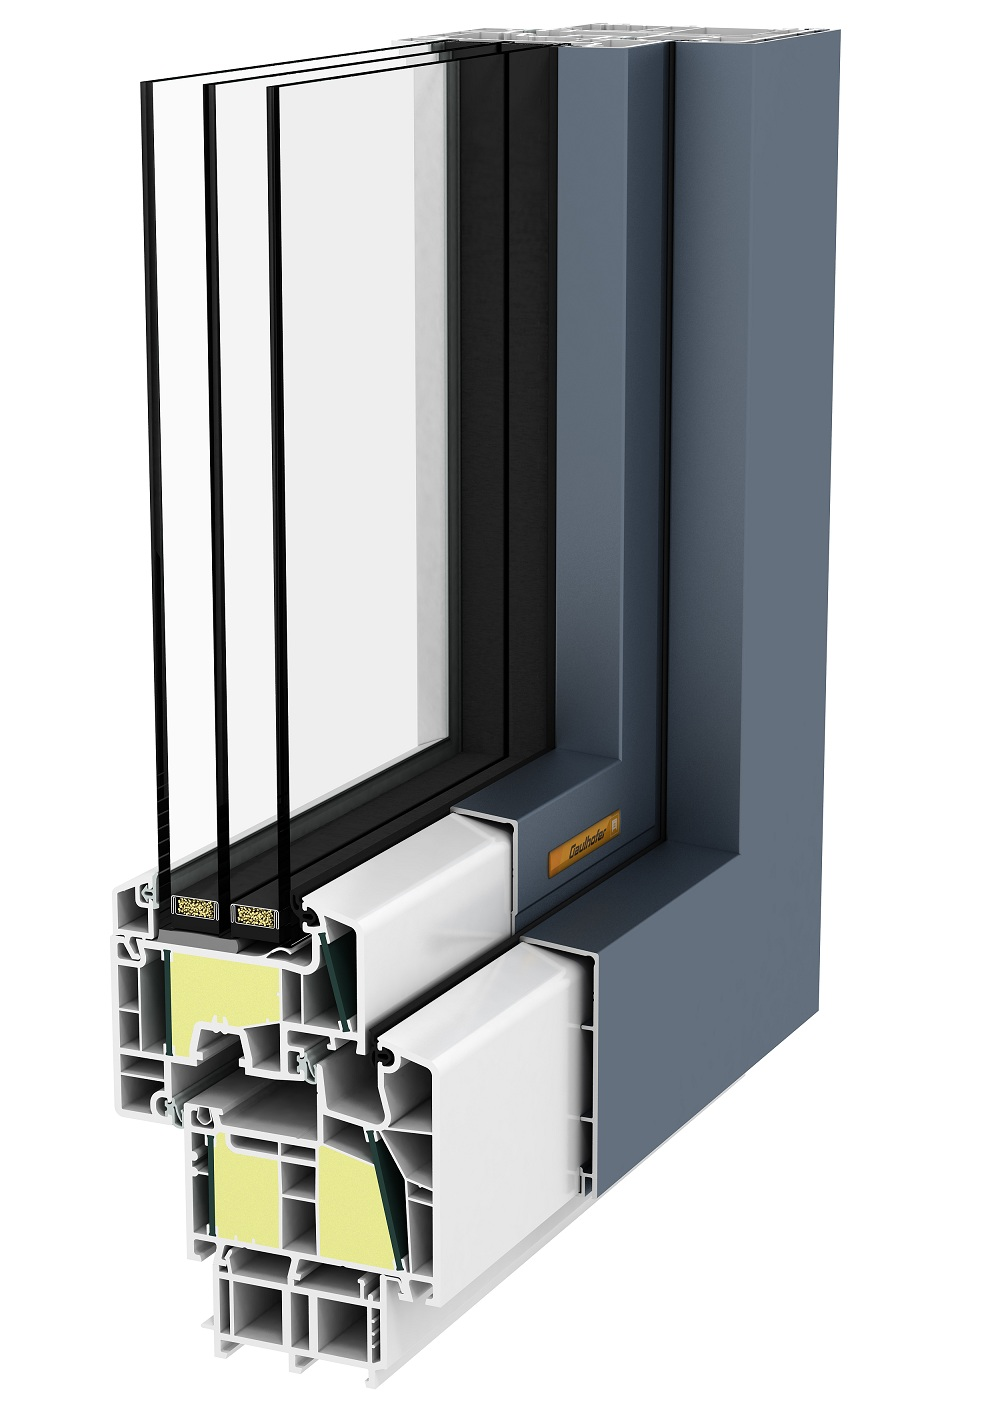 gaulhofer energyline redaktion sterreichisches presseb ro. Black Bedroom Furniture Sets. Home Design Ideas